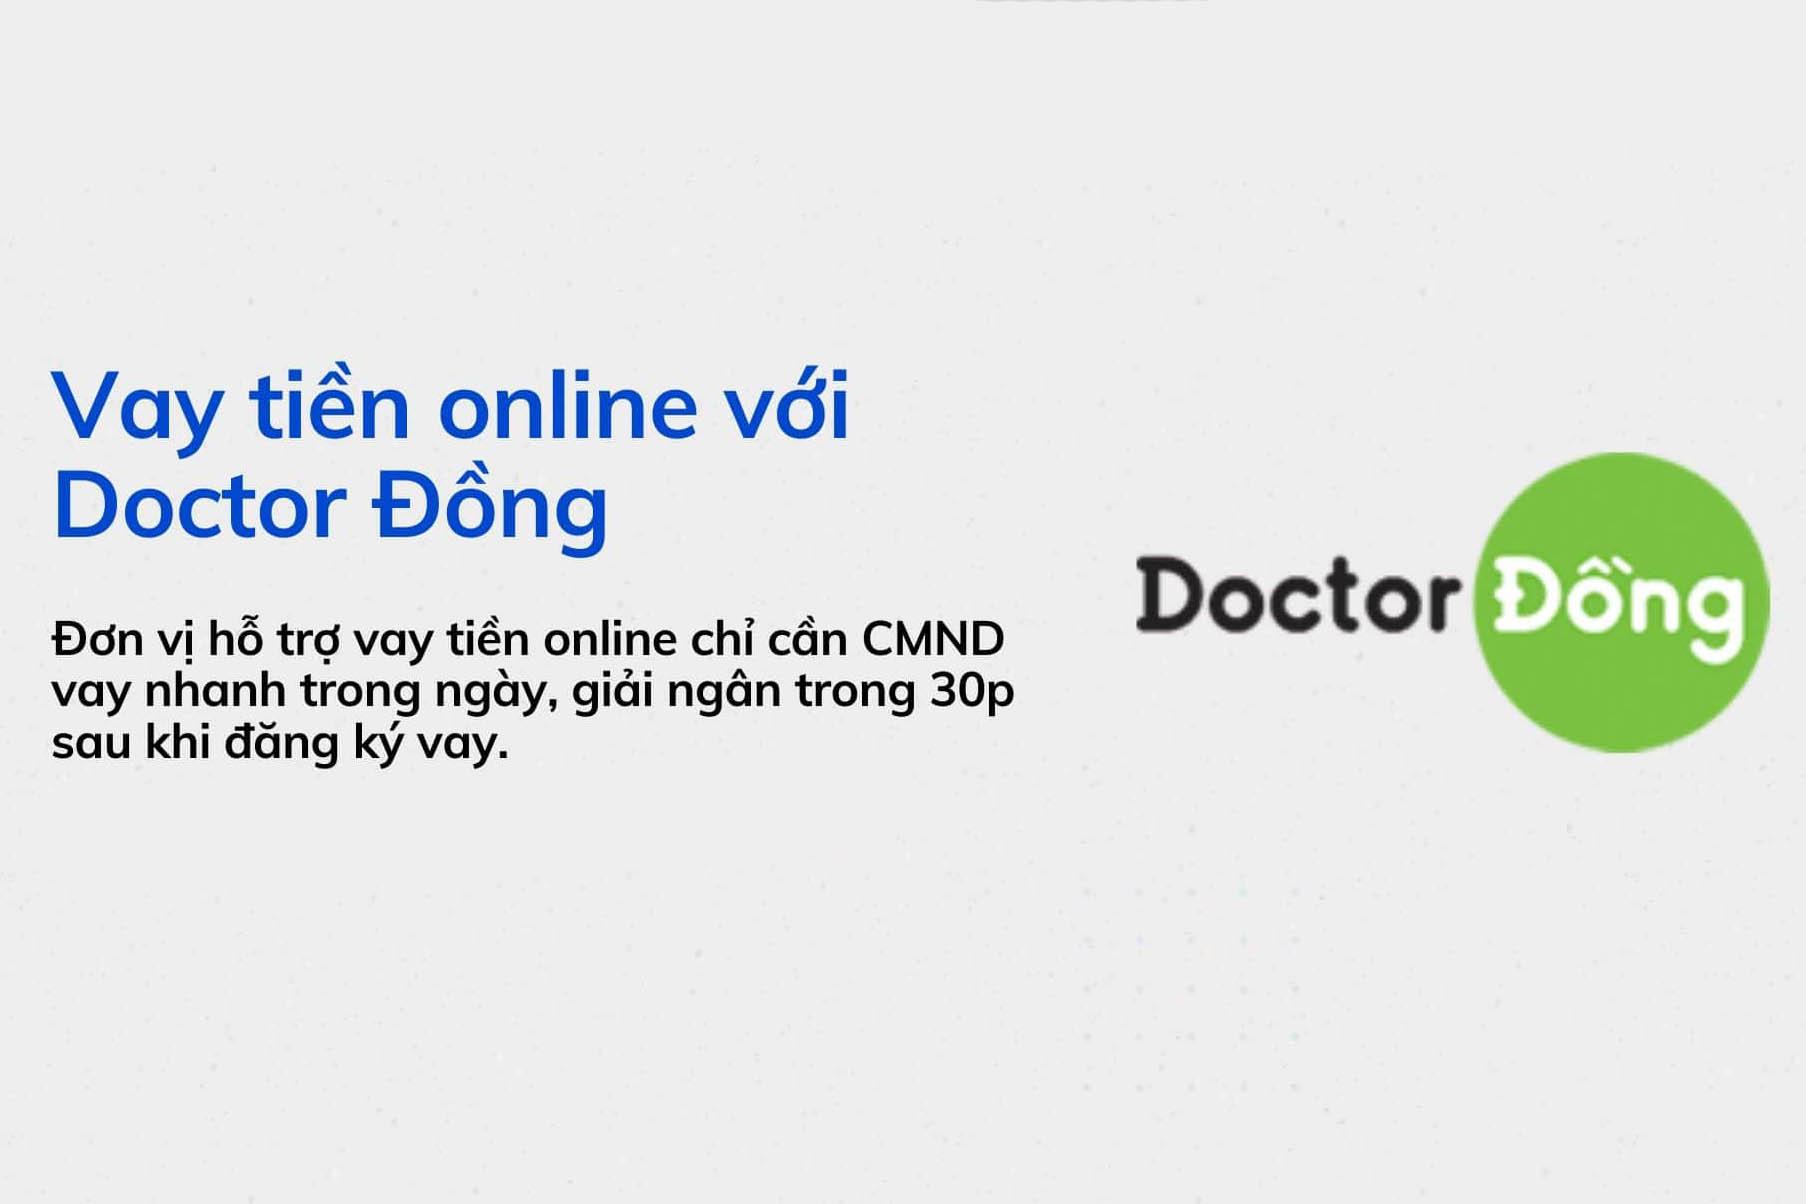 Vay online không cần chứng minh thu nhập cùng Doctor Đồng